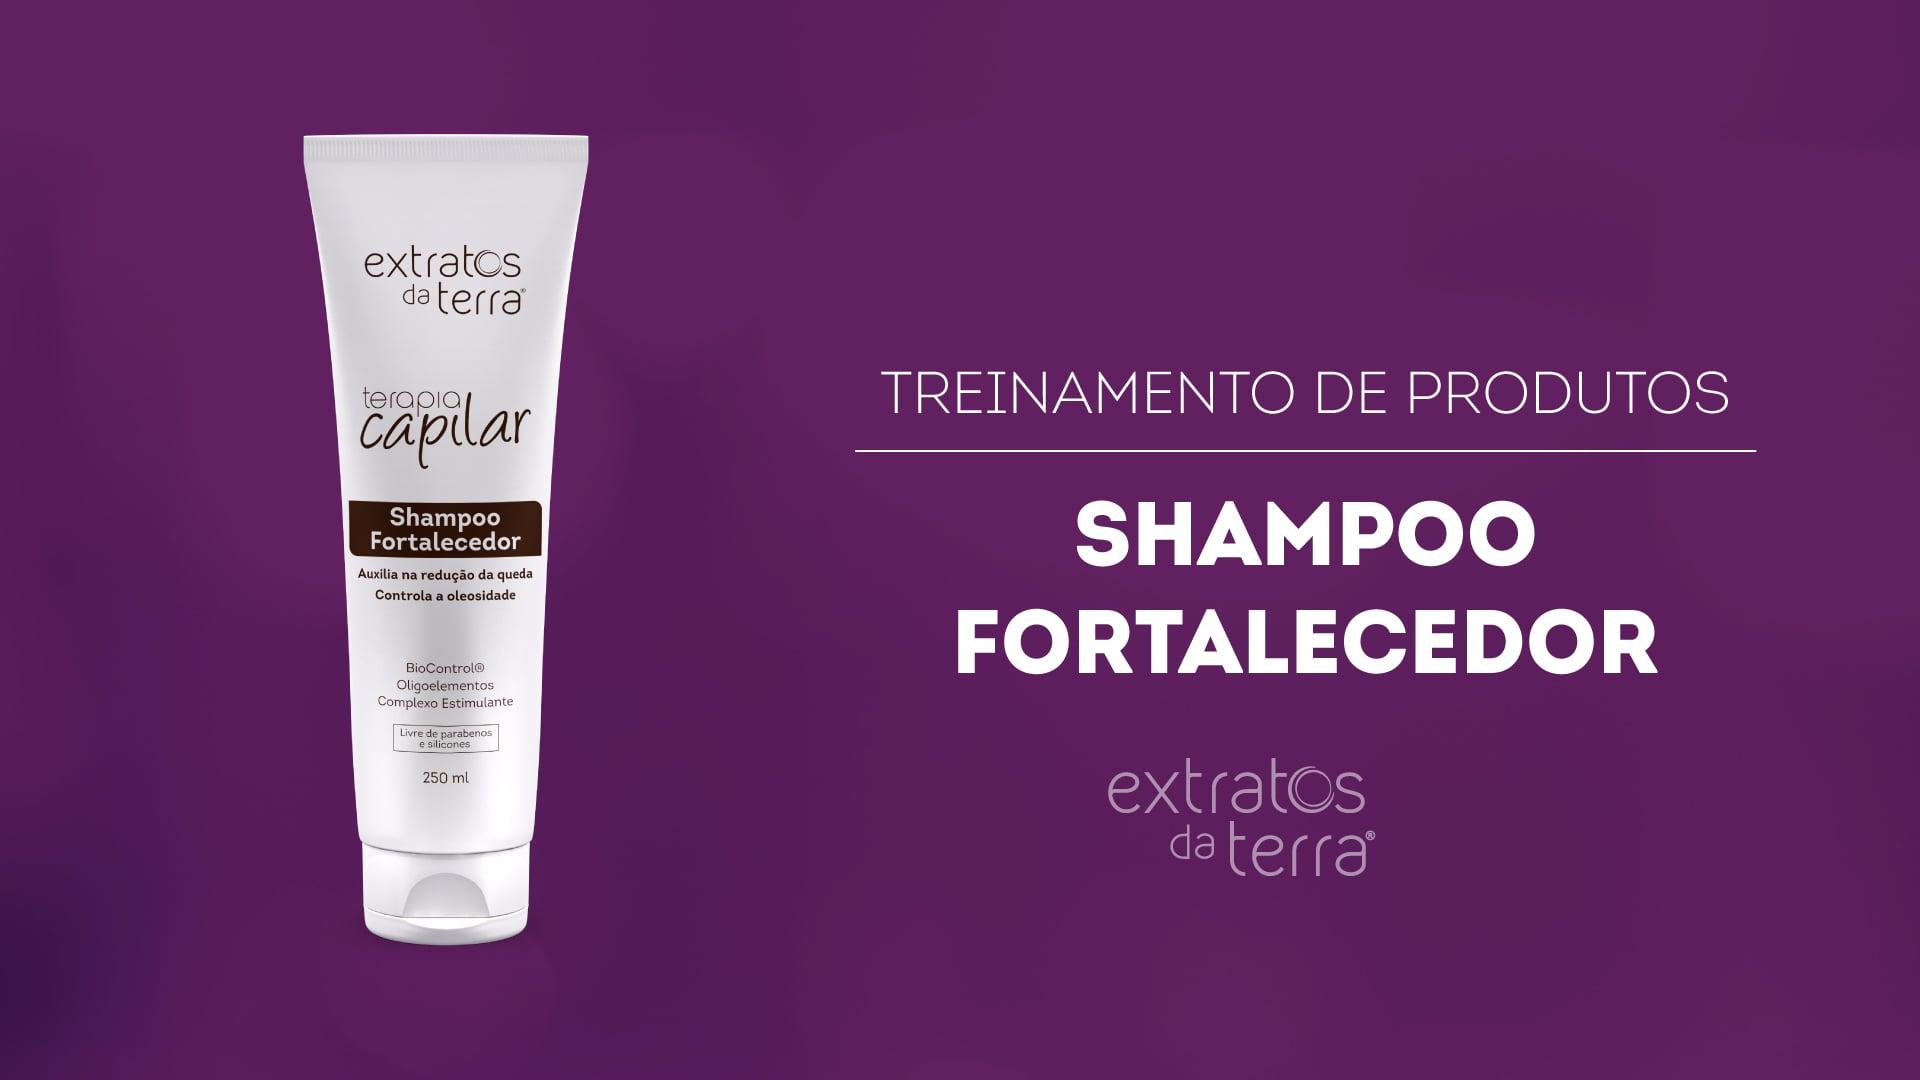 Conhecendo o Produto - Terapia Capilar Shampoo Fortalecedor